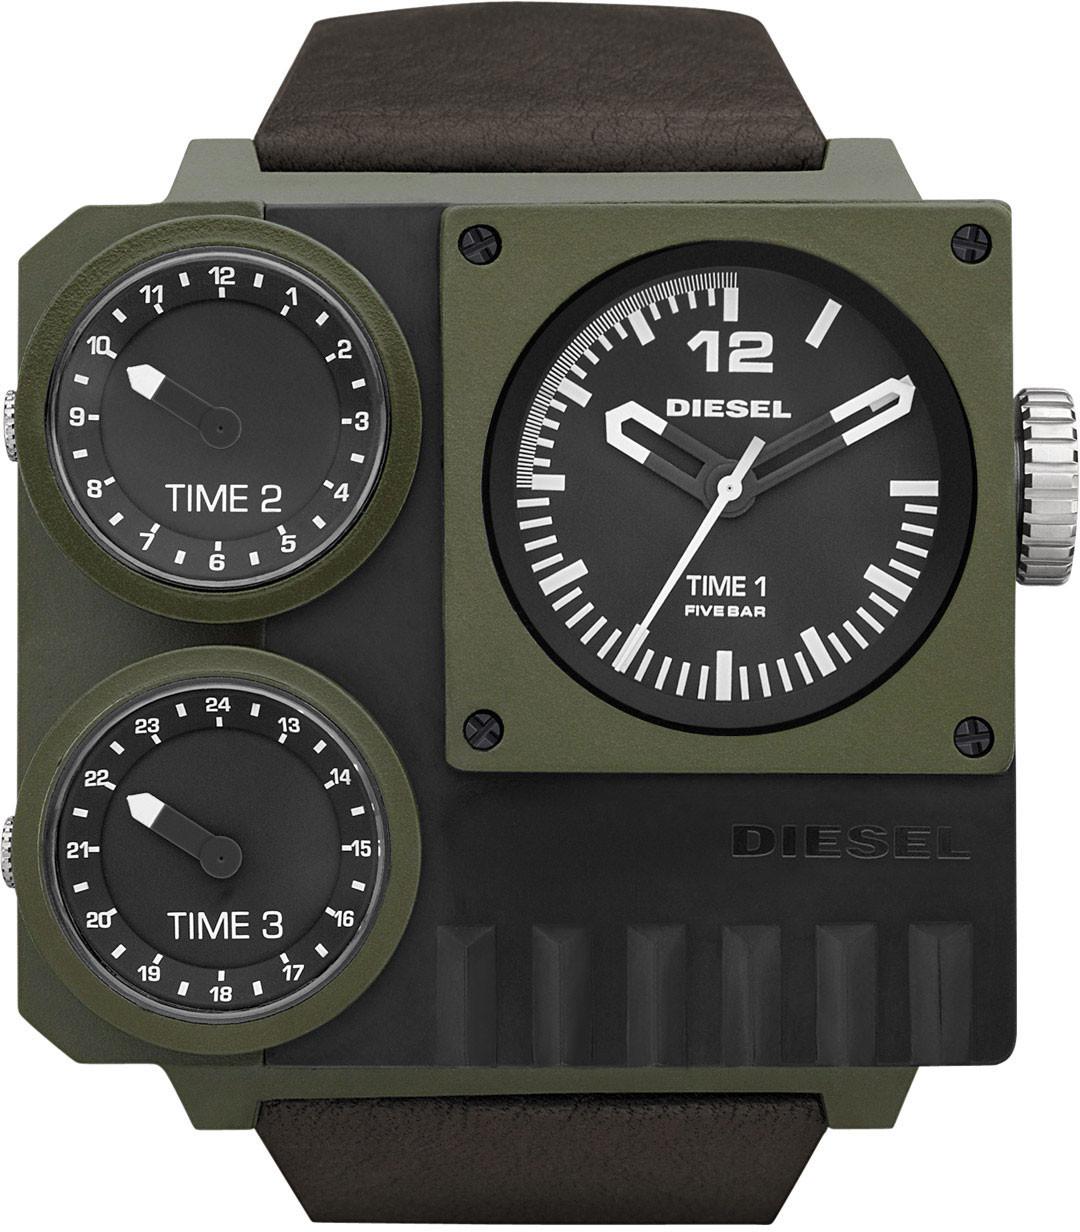 นาฬิกาผู้ชาย Diesel รุ่น DZ7248, Super Bad Ass Brown Leather Men's Watch